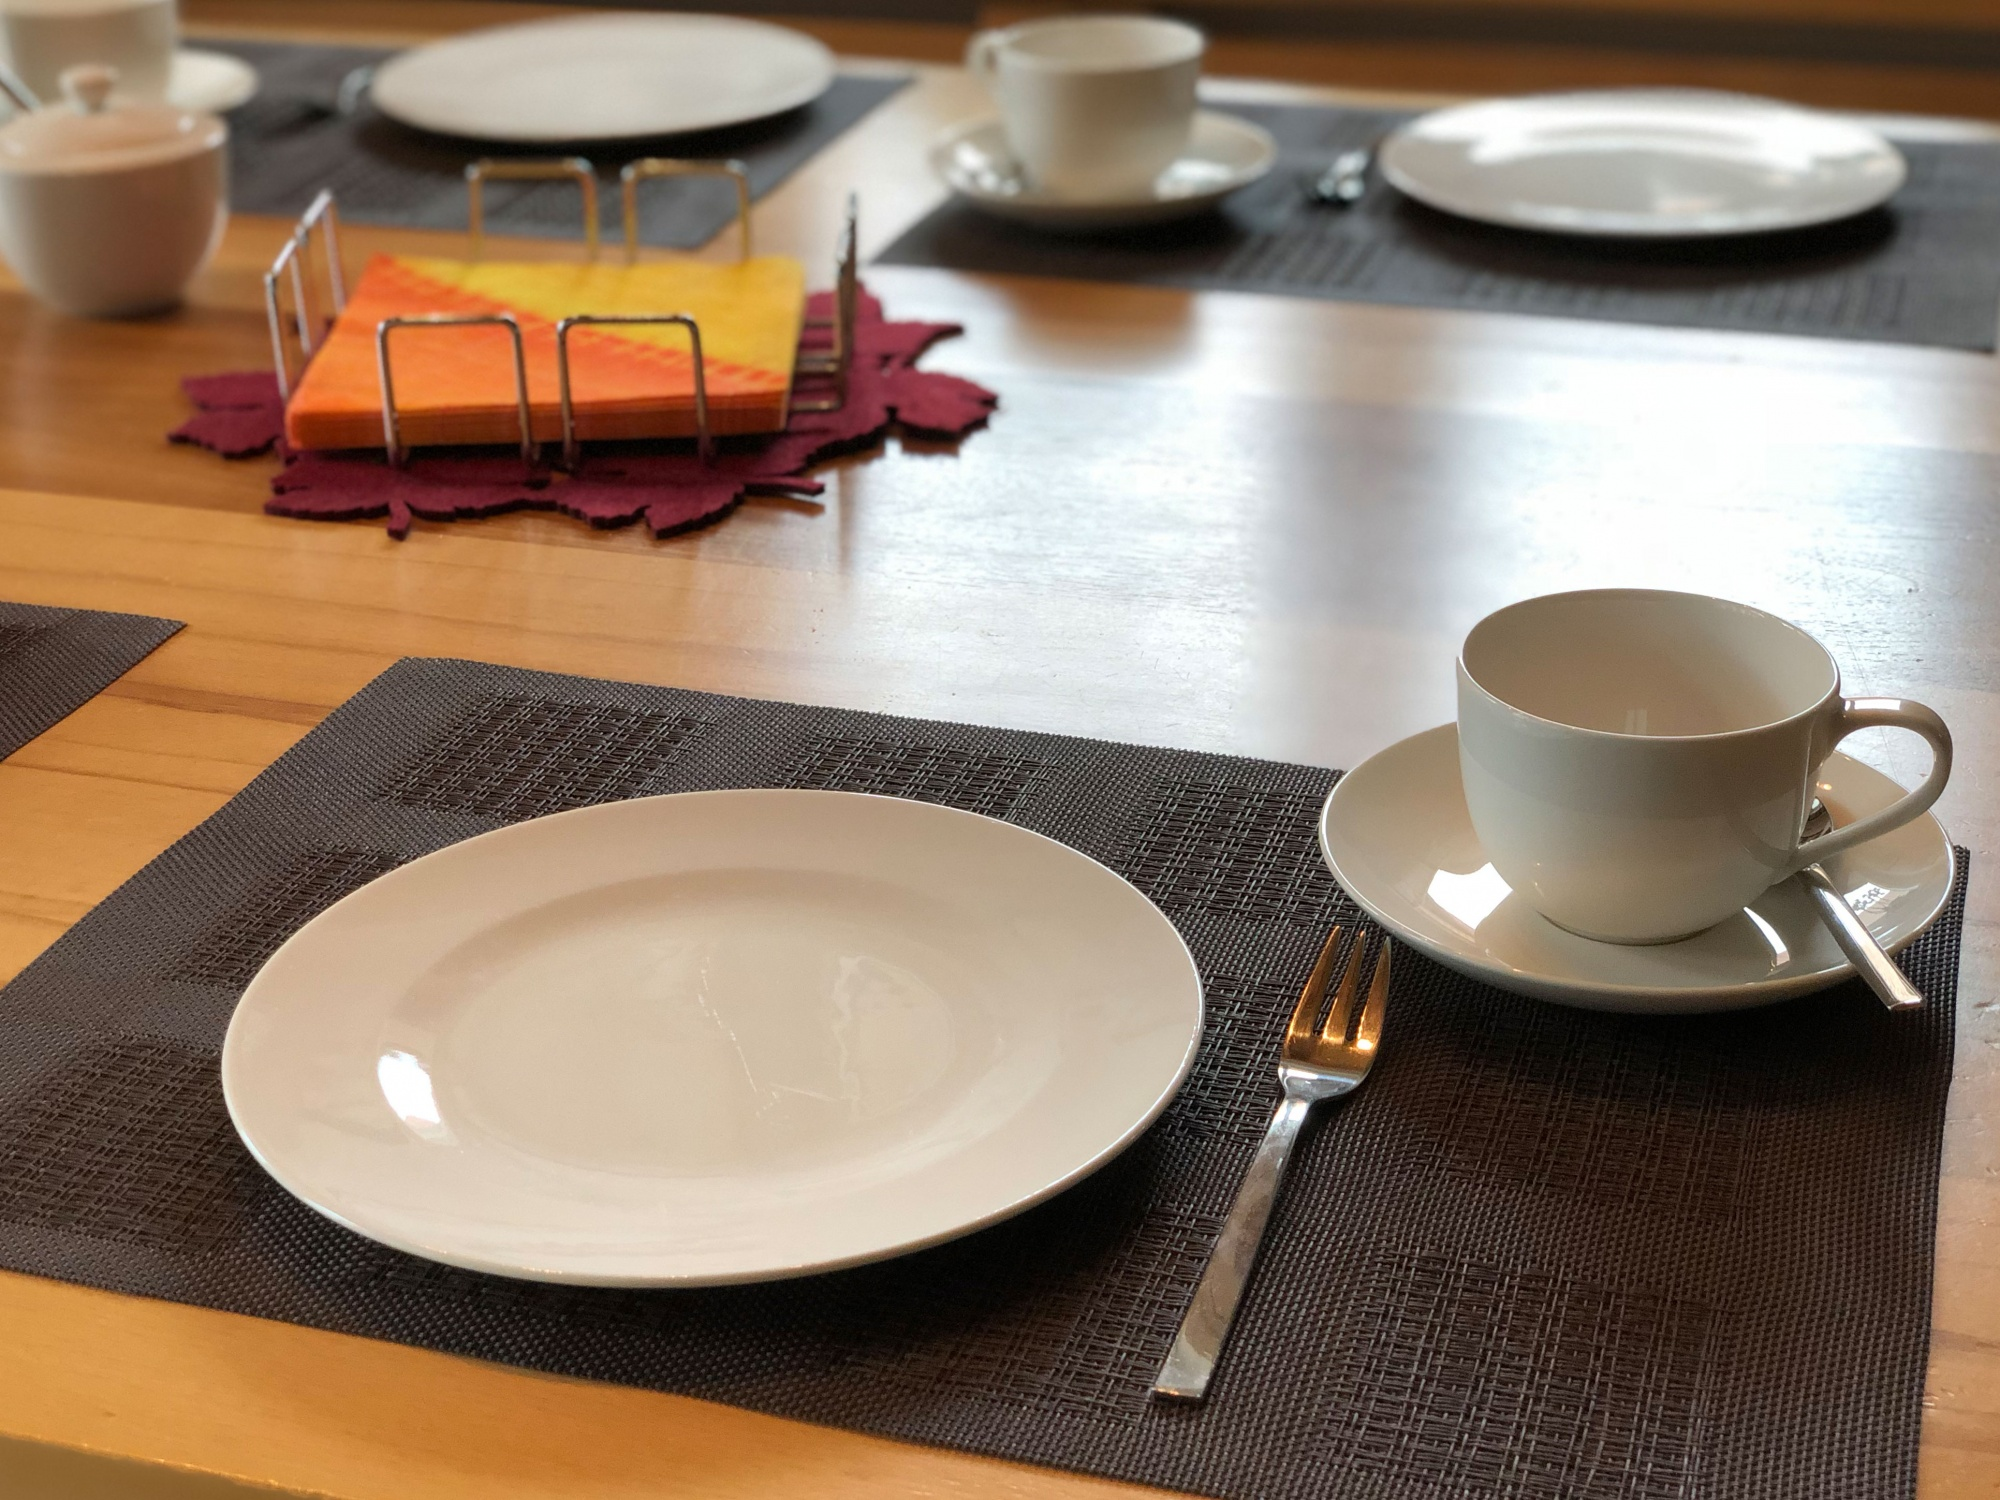 Tischset (4er-Set), ca. 30x45 cm, versch. Farben